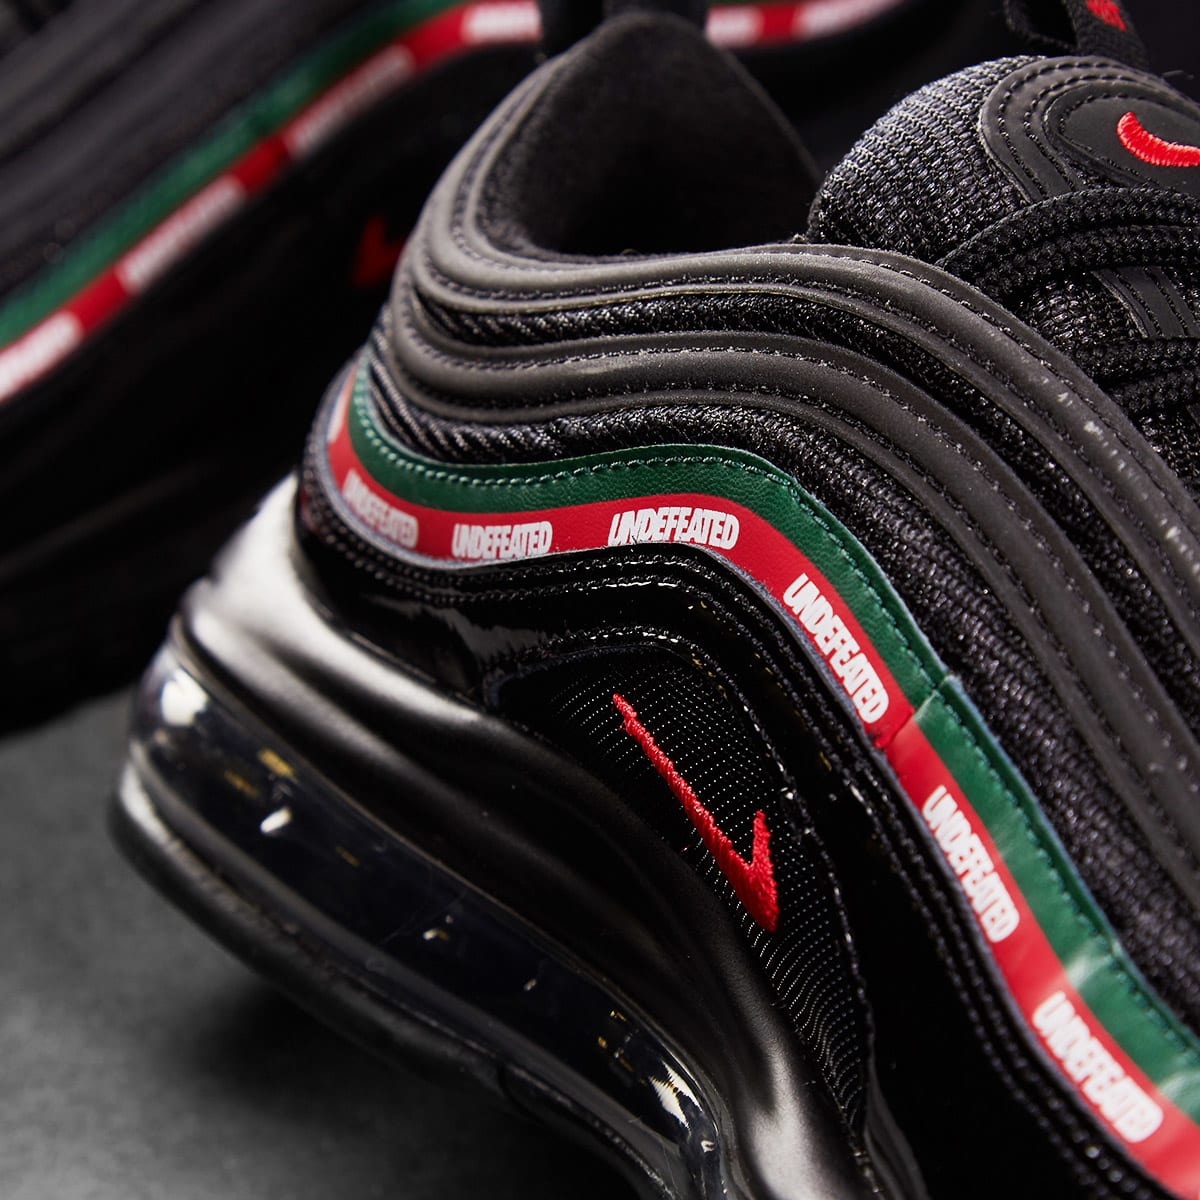 Undefeated x Air Max 97 OG 'Black' Nike AJ1986 001